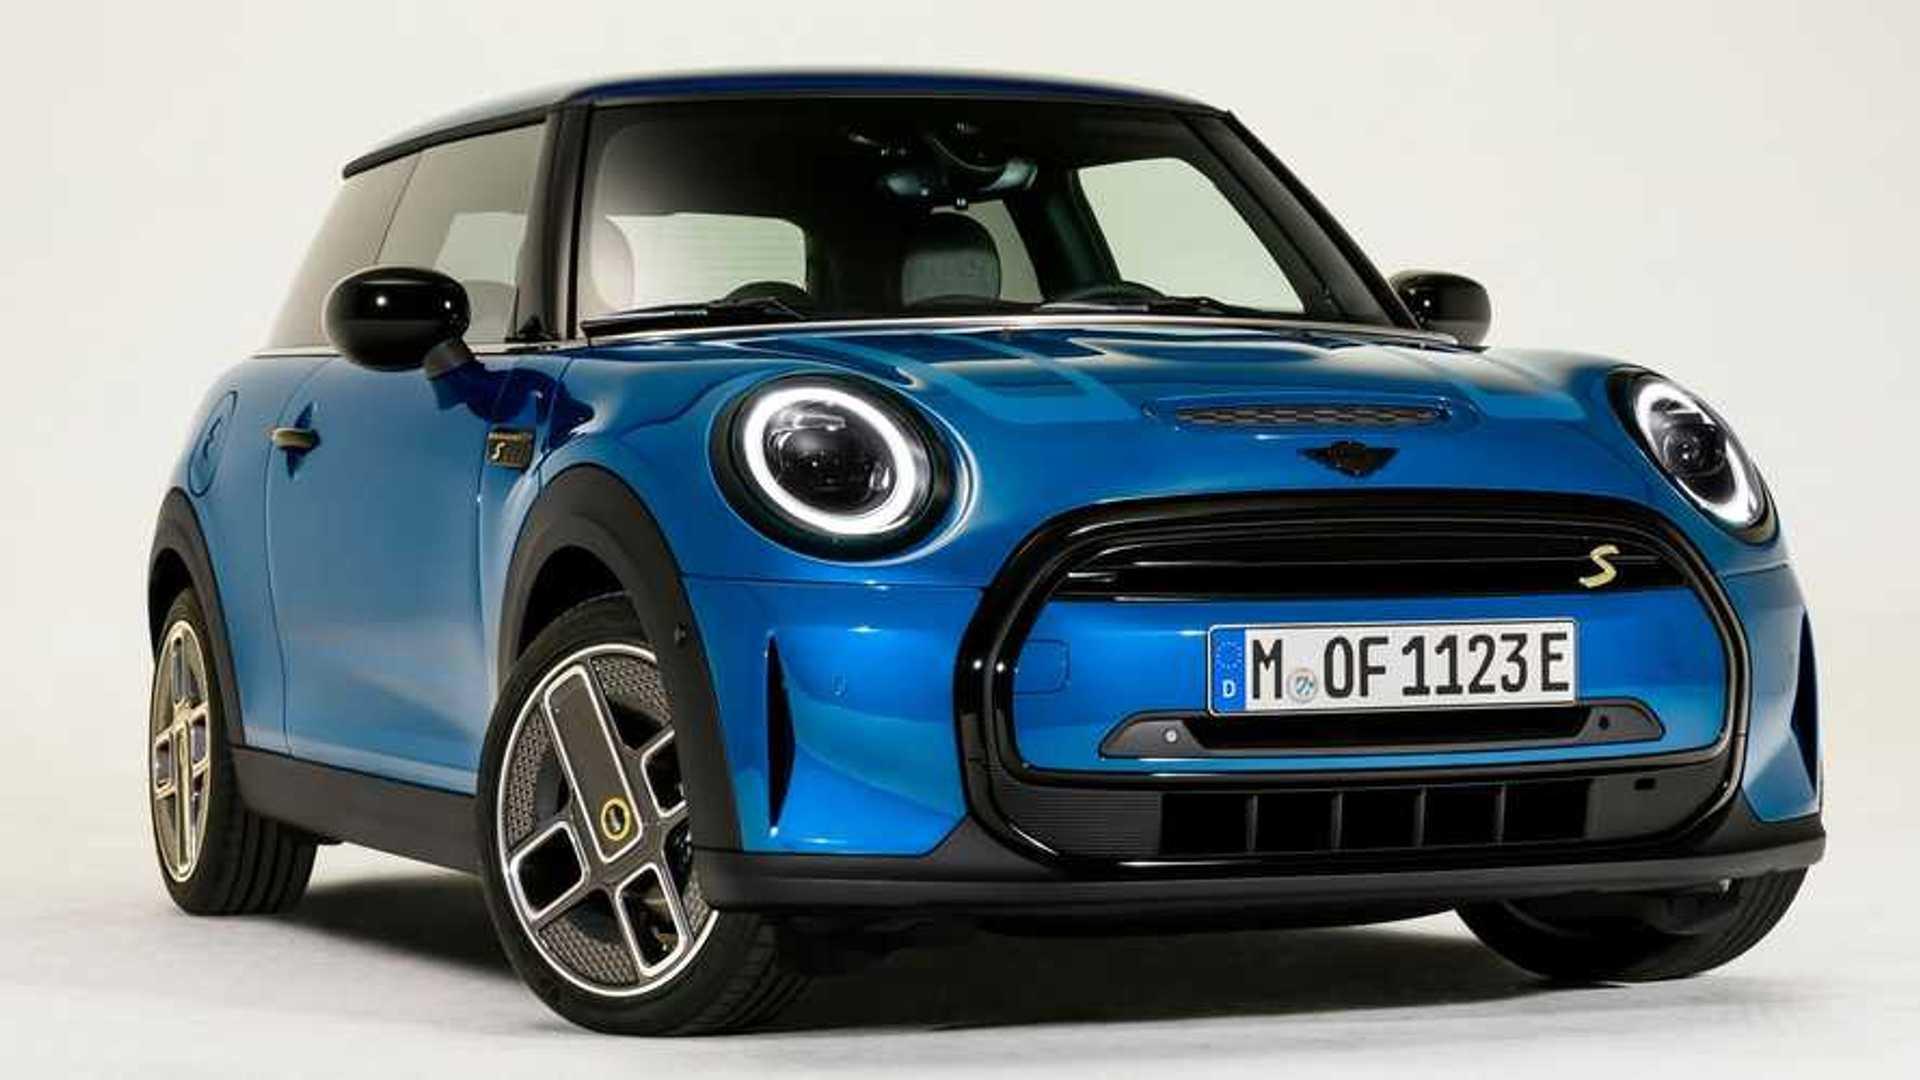 Mini Cooper 2022 получит фары с эффектом гляди и многоцветную крышу